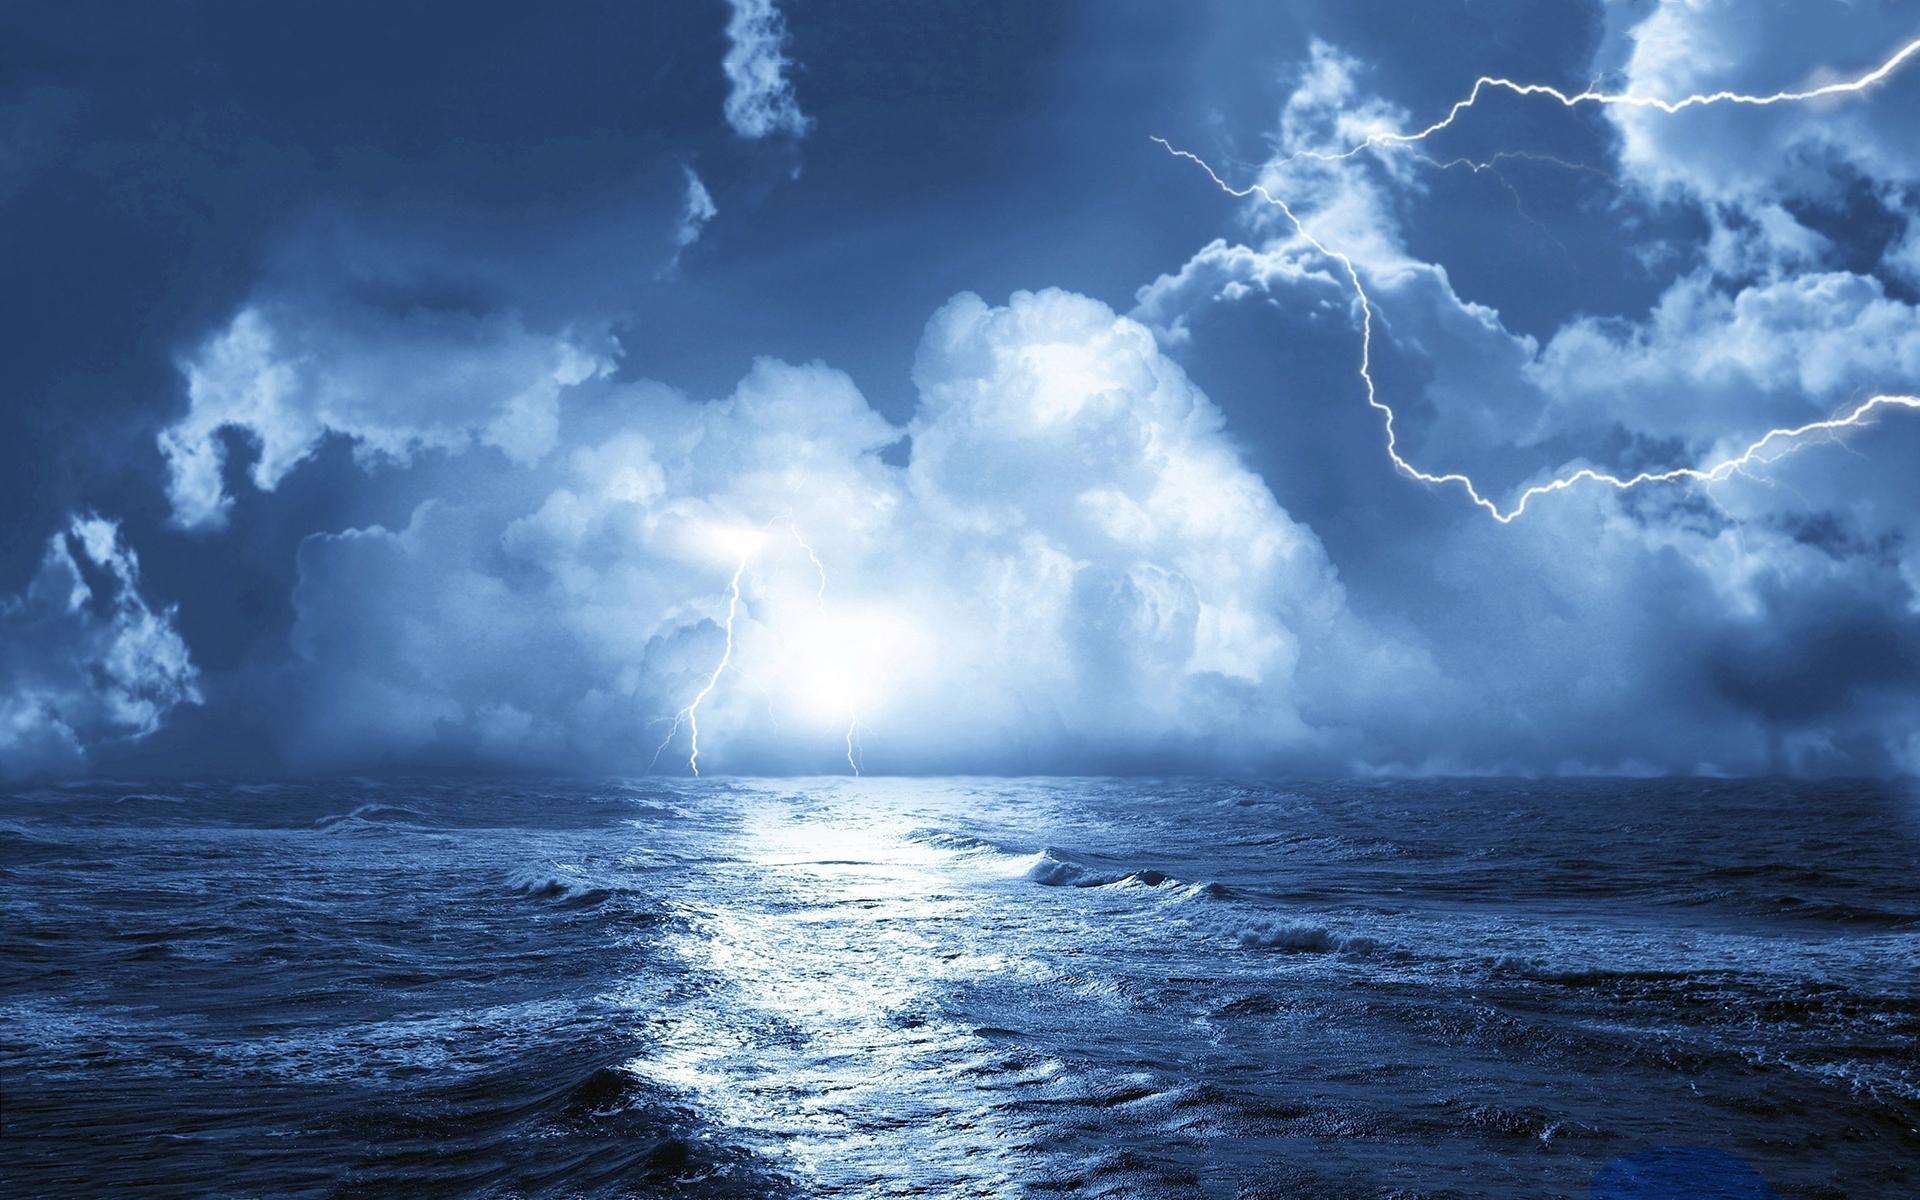 Empty Storm